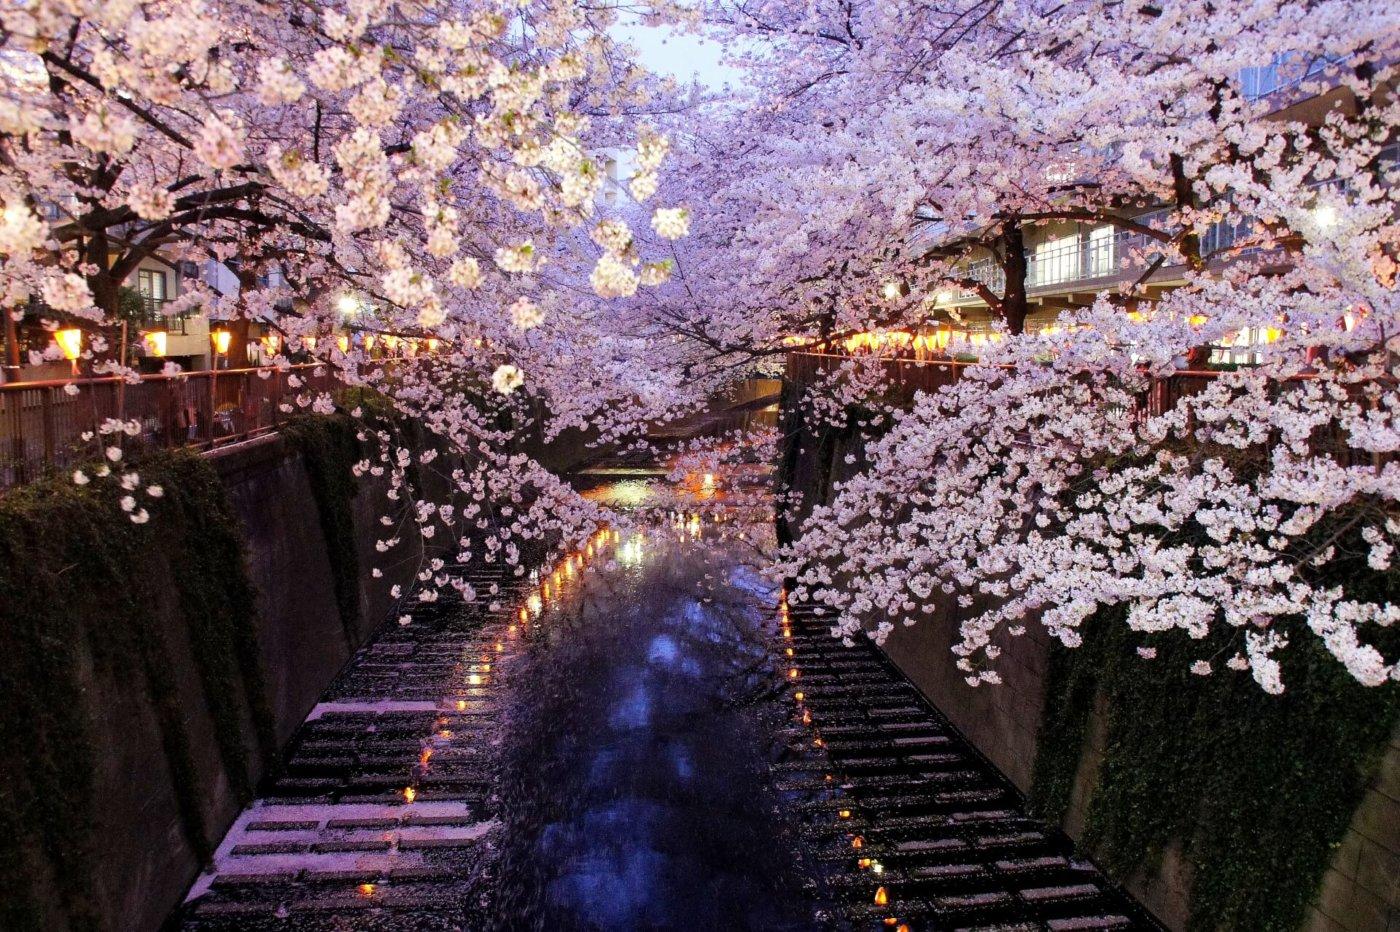 東京で屋台が出るお花見名所5選